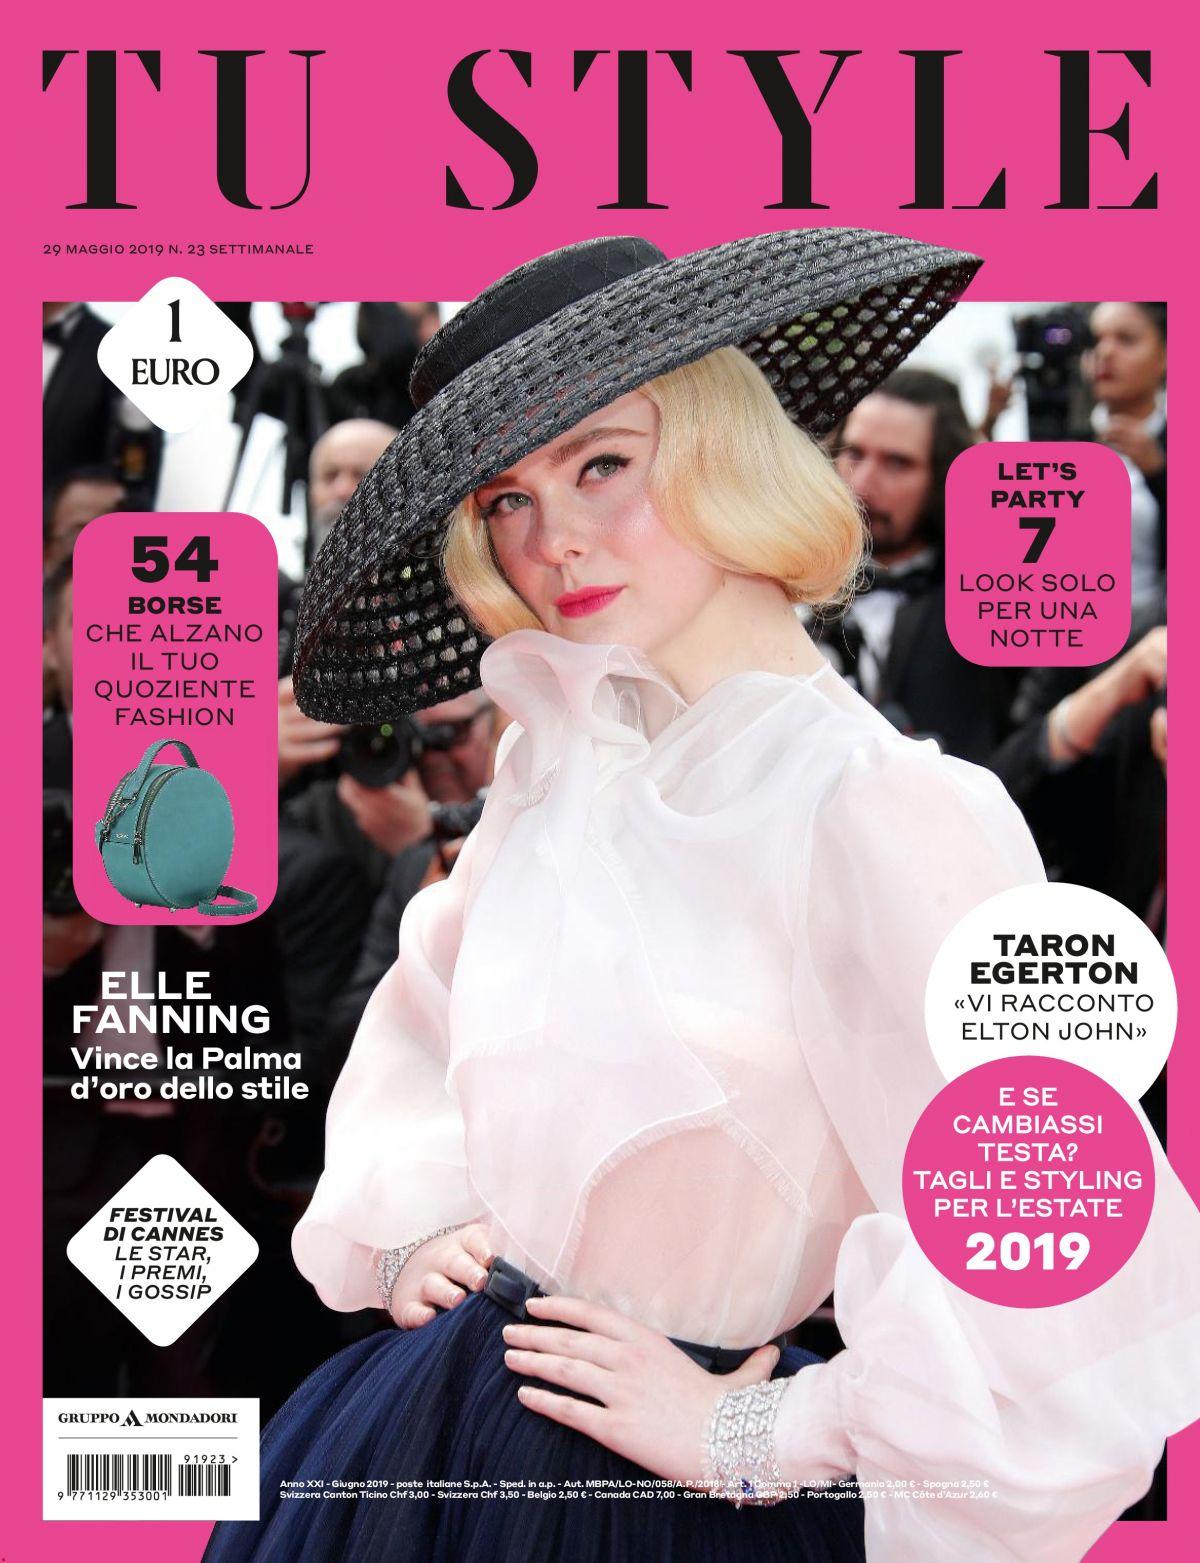 Tustyle Magazine November 2015 Issue: ELLE FANNING In Tu Style Magazine, May 2019